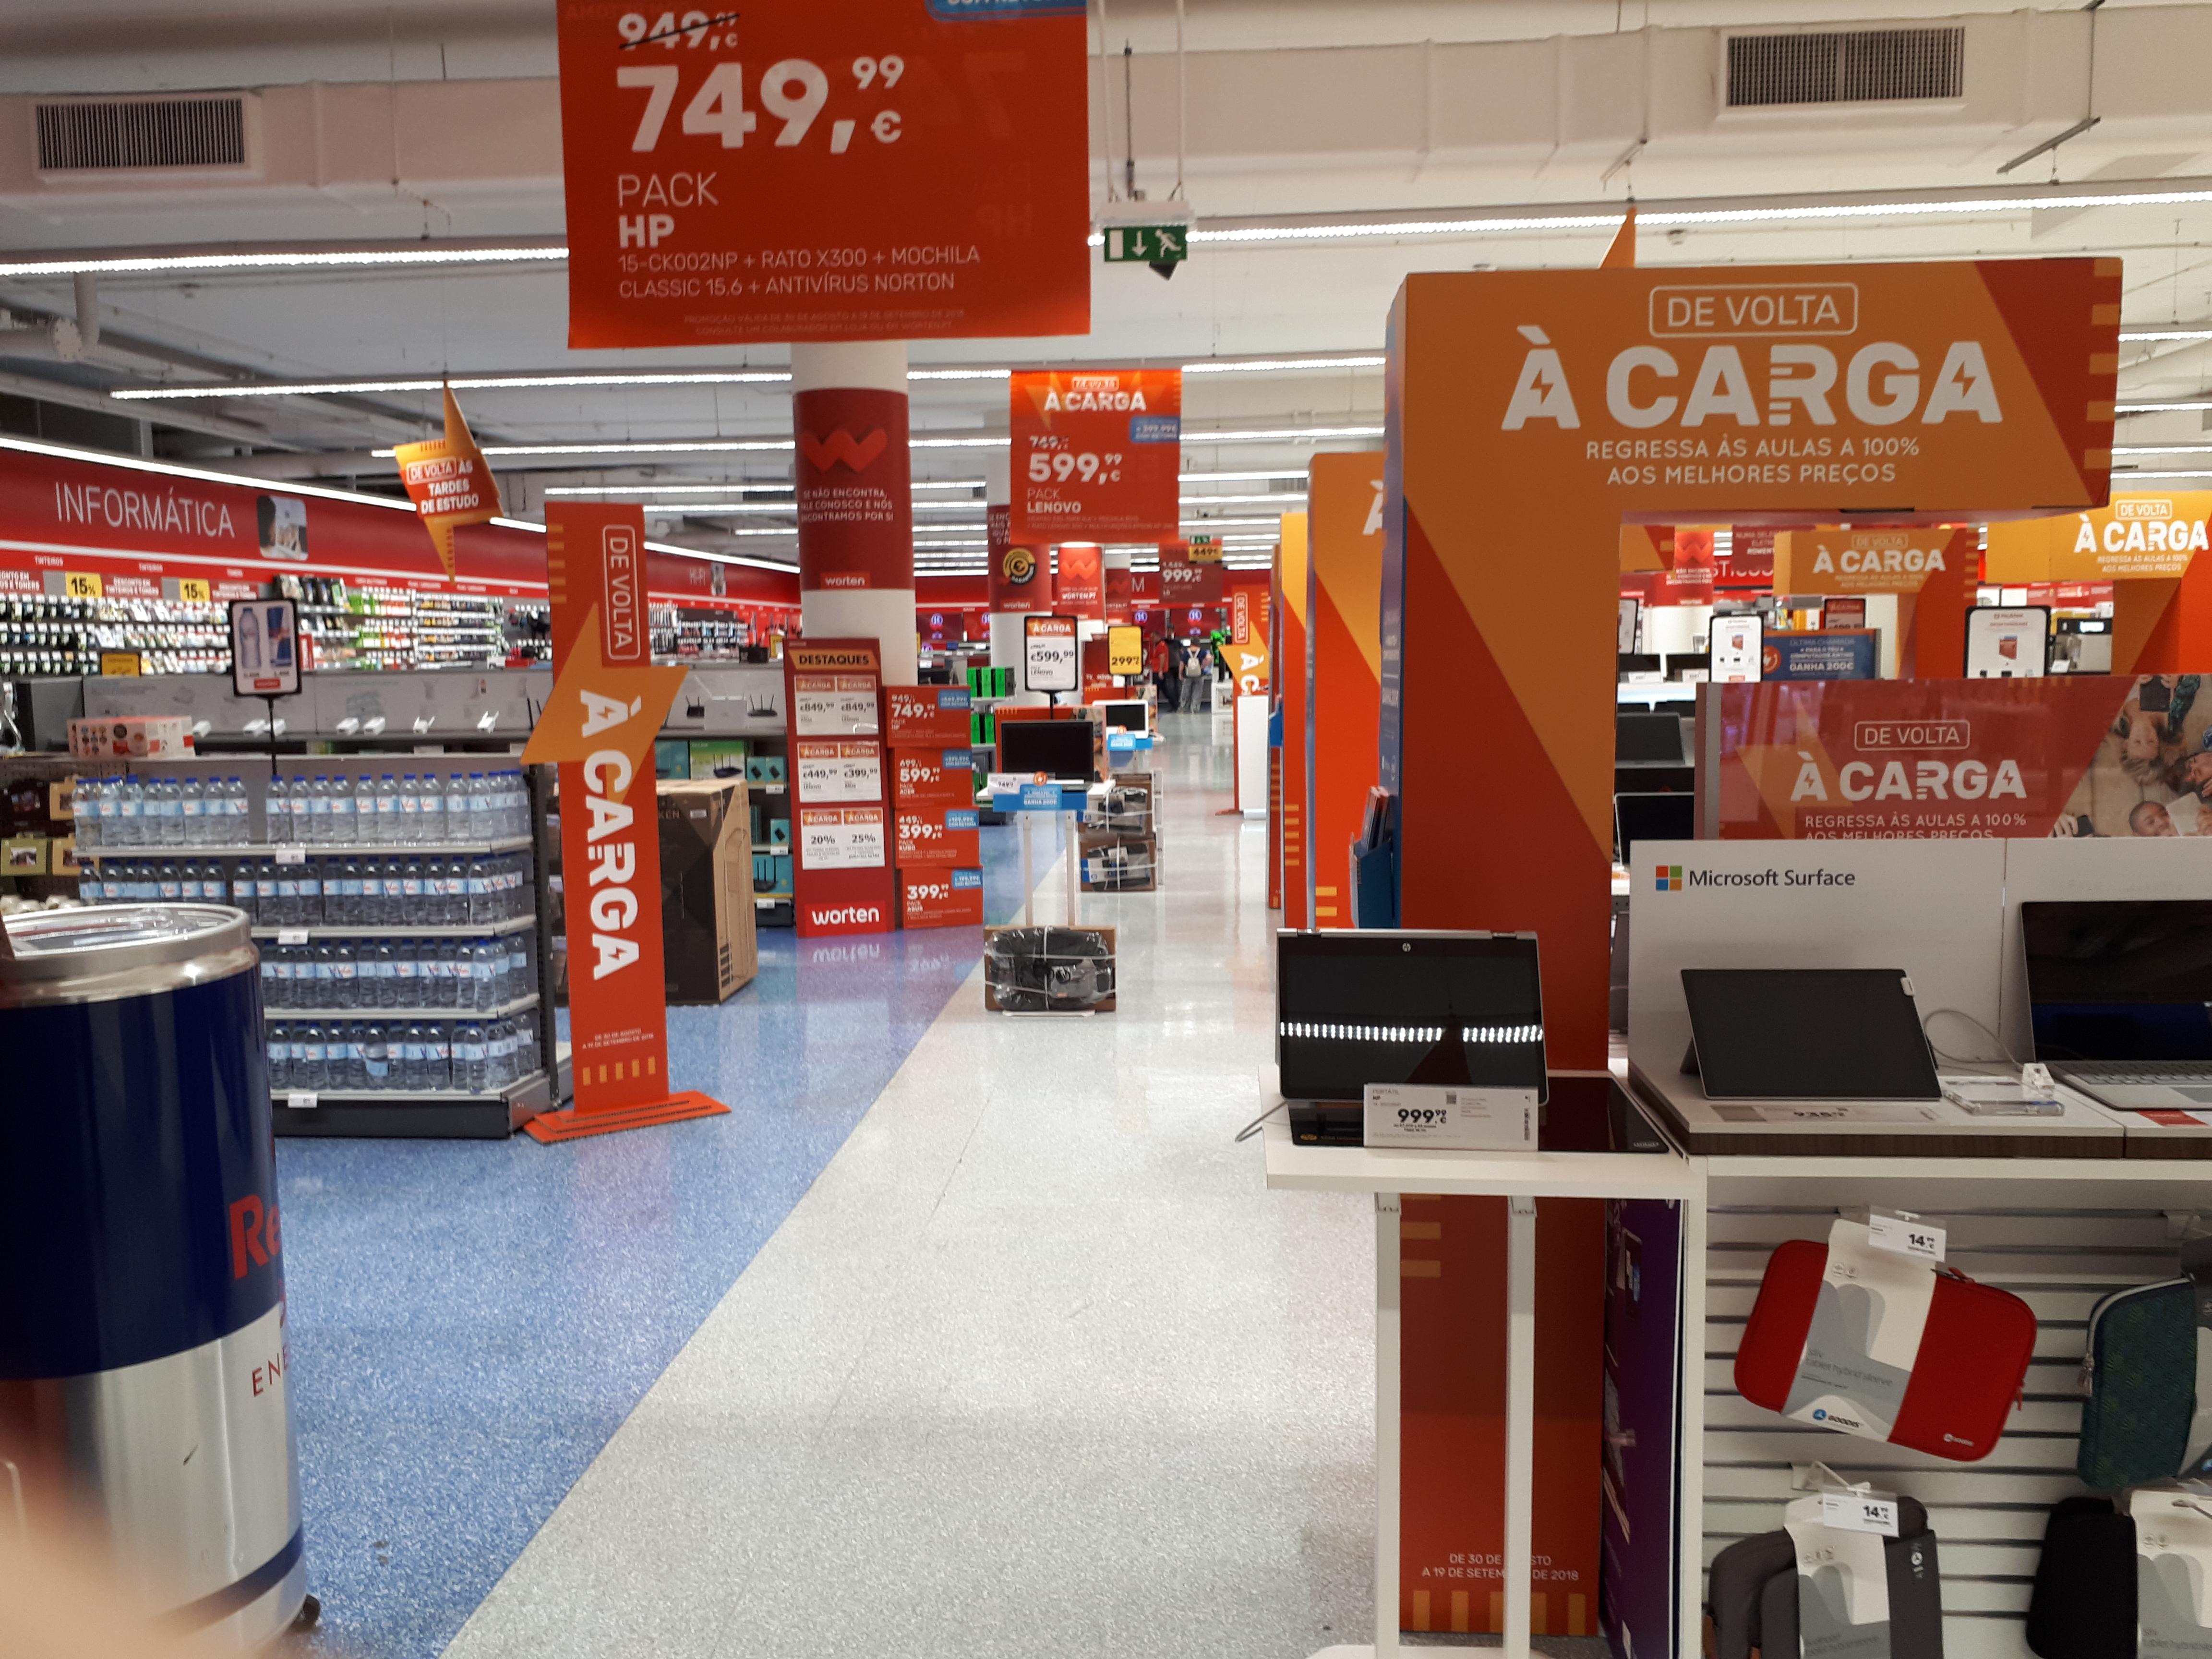 Worten - Mobile Coimbra Estádio